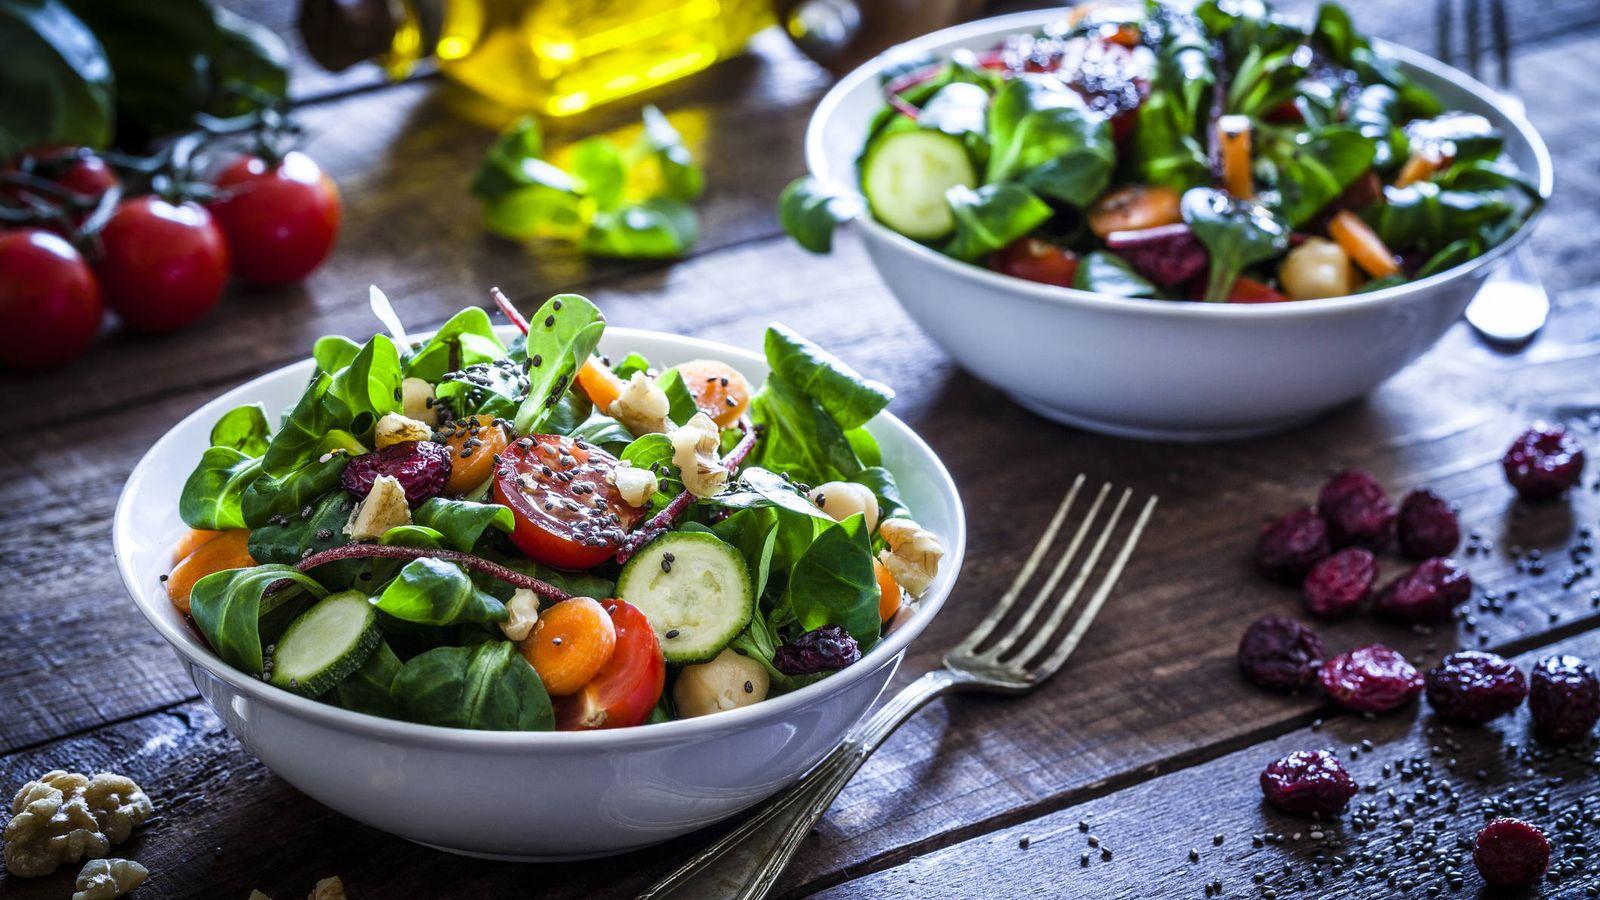 Foto: ¿Vale cualquier hoja para hacer la ensalada?